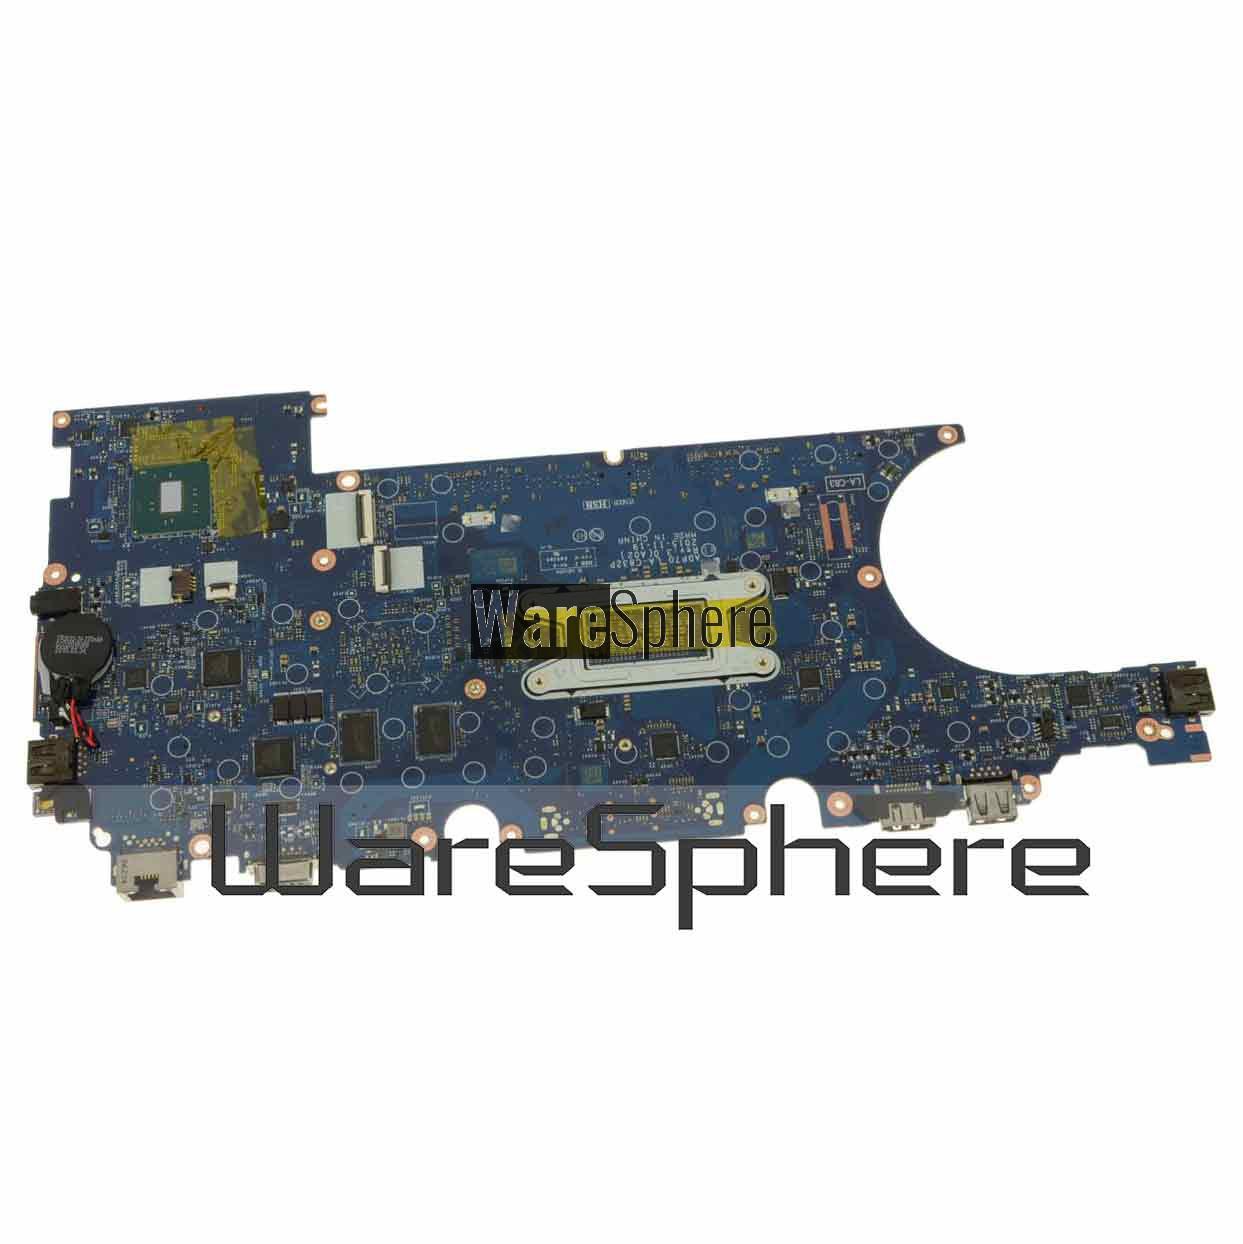 Dell Latitude 7480 Intel Core i7-7600U 2.8GHz Laptop Motherboard CXWHP LA-E131P